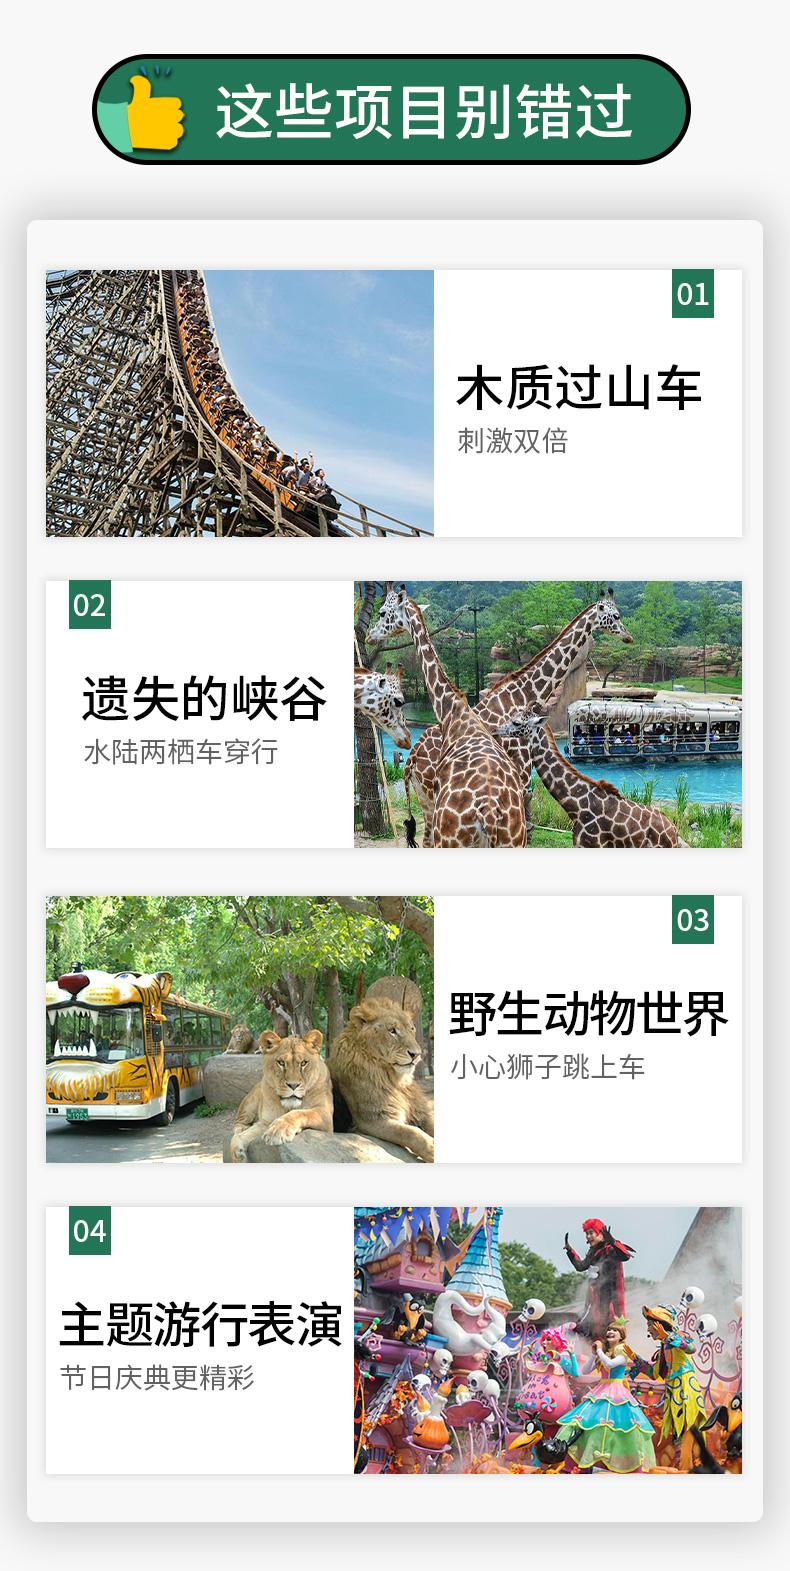 爱宝乐园+民俗村一日游-详情页_10.jpg